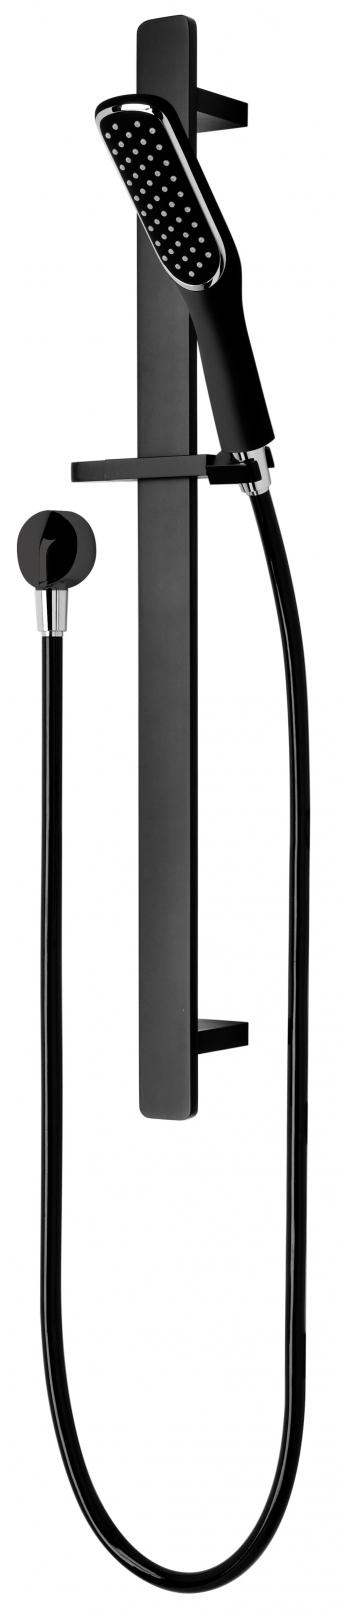 Black Edition Slide Shower SBK040. Image: 3